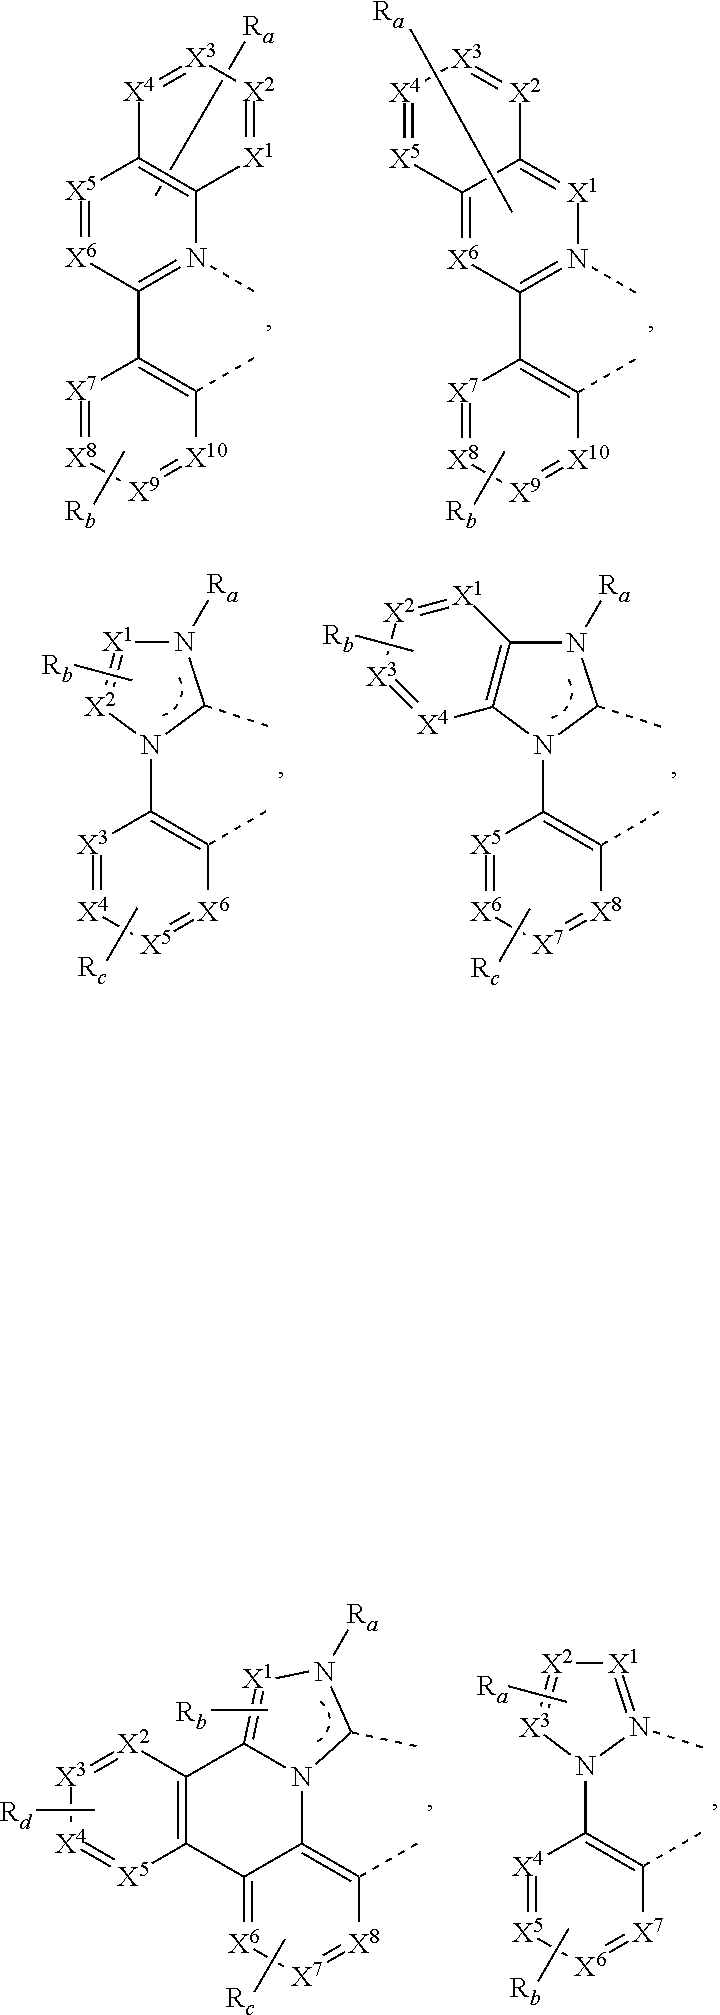 Figure US20180076393A1-20180315-C00004